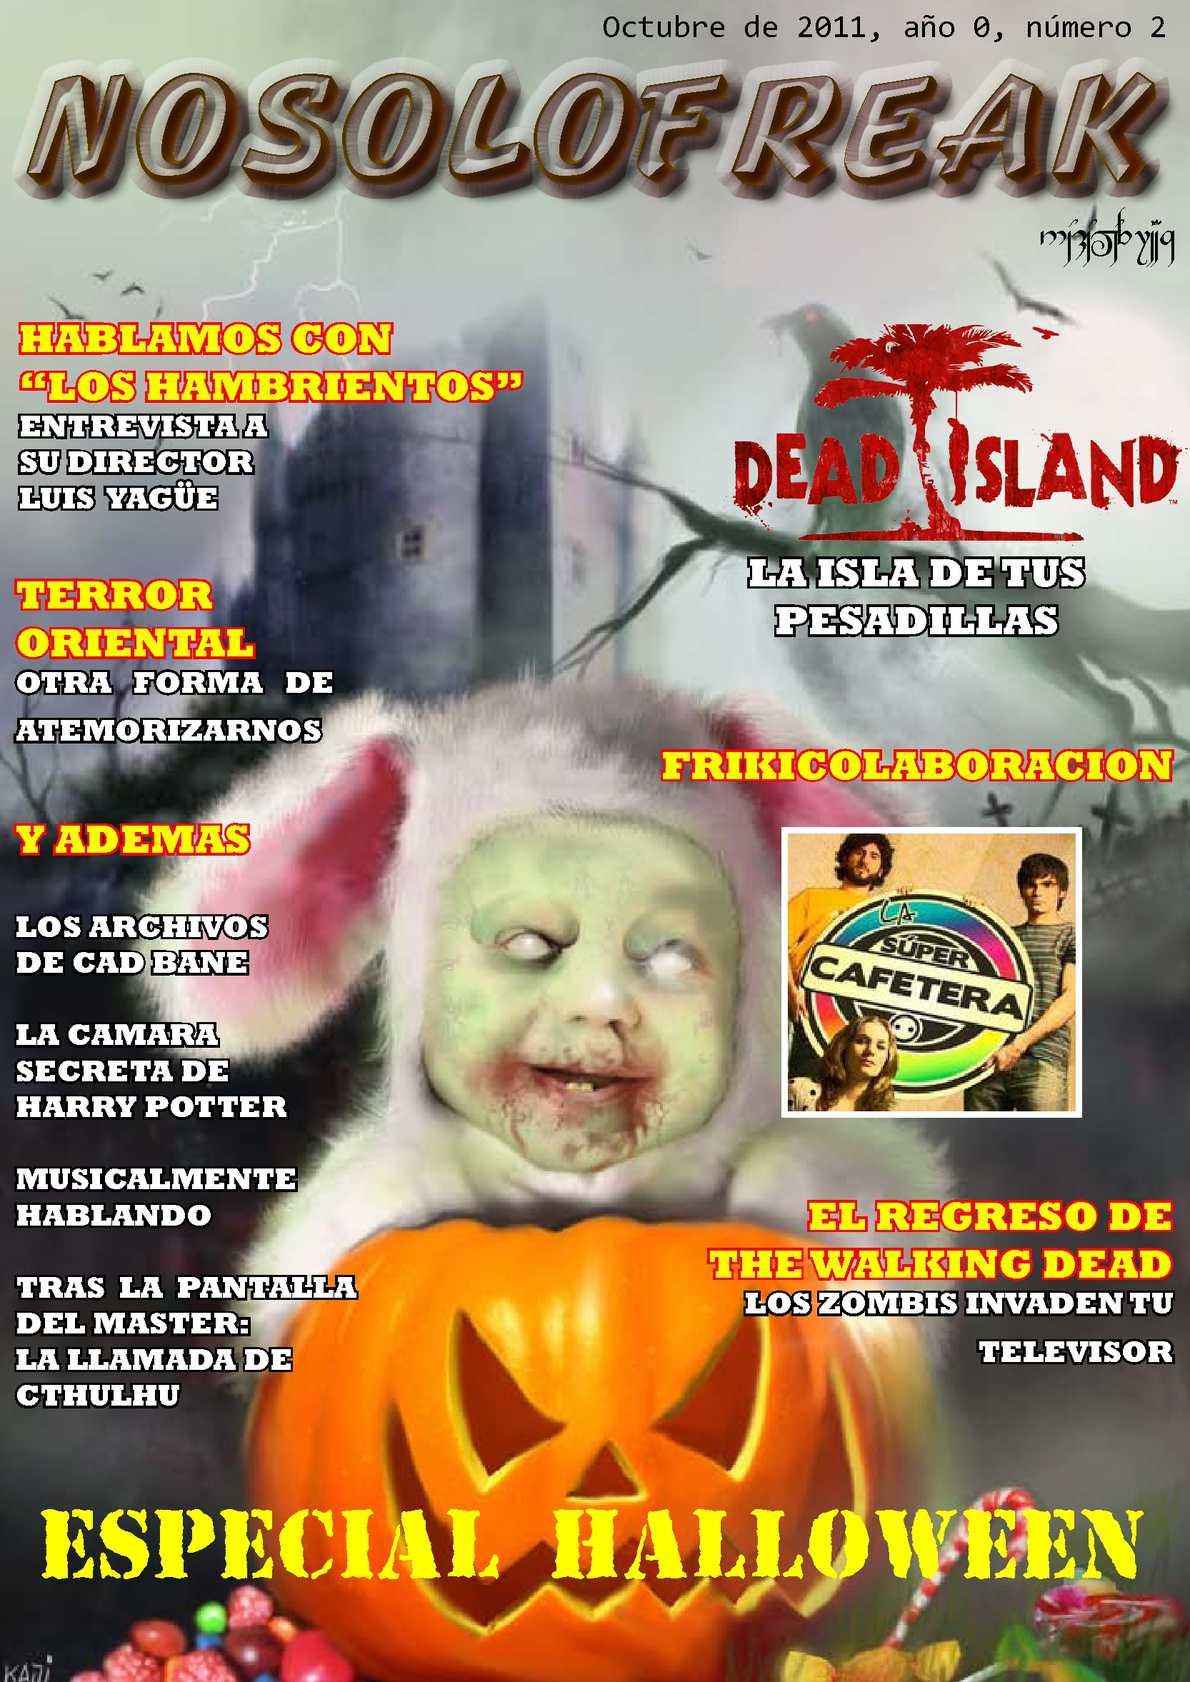 9ee8823a958e3 Calaméo - Revista Nosolofreak Octubre 2011